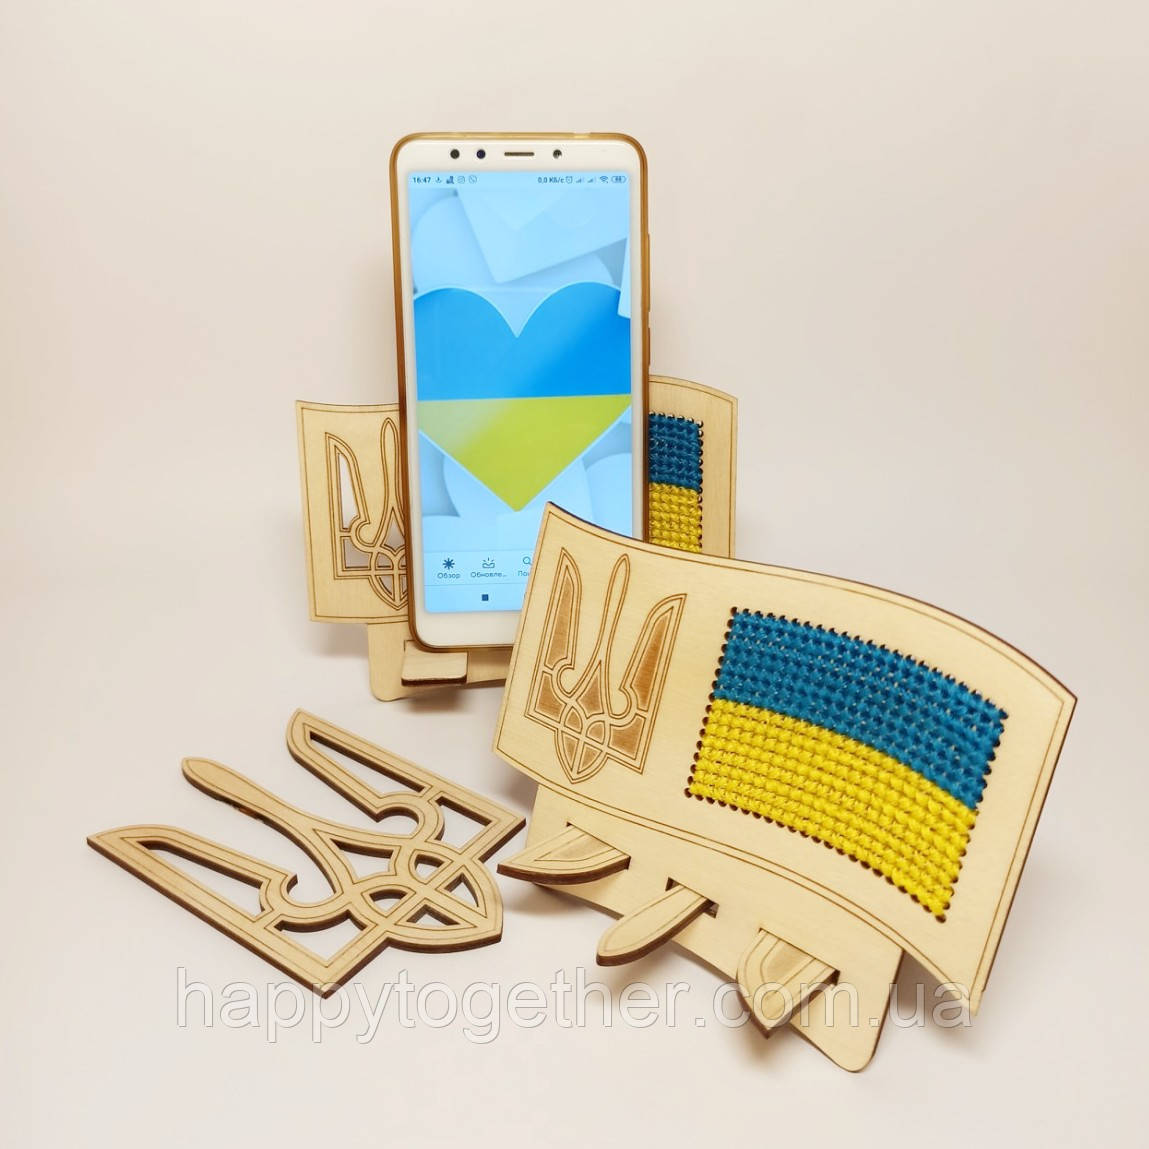 """Деревянная подставка под телефон под вышивку (набор с нитками) """"Украина"""""""